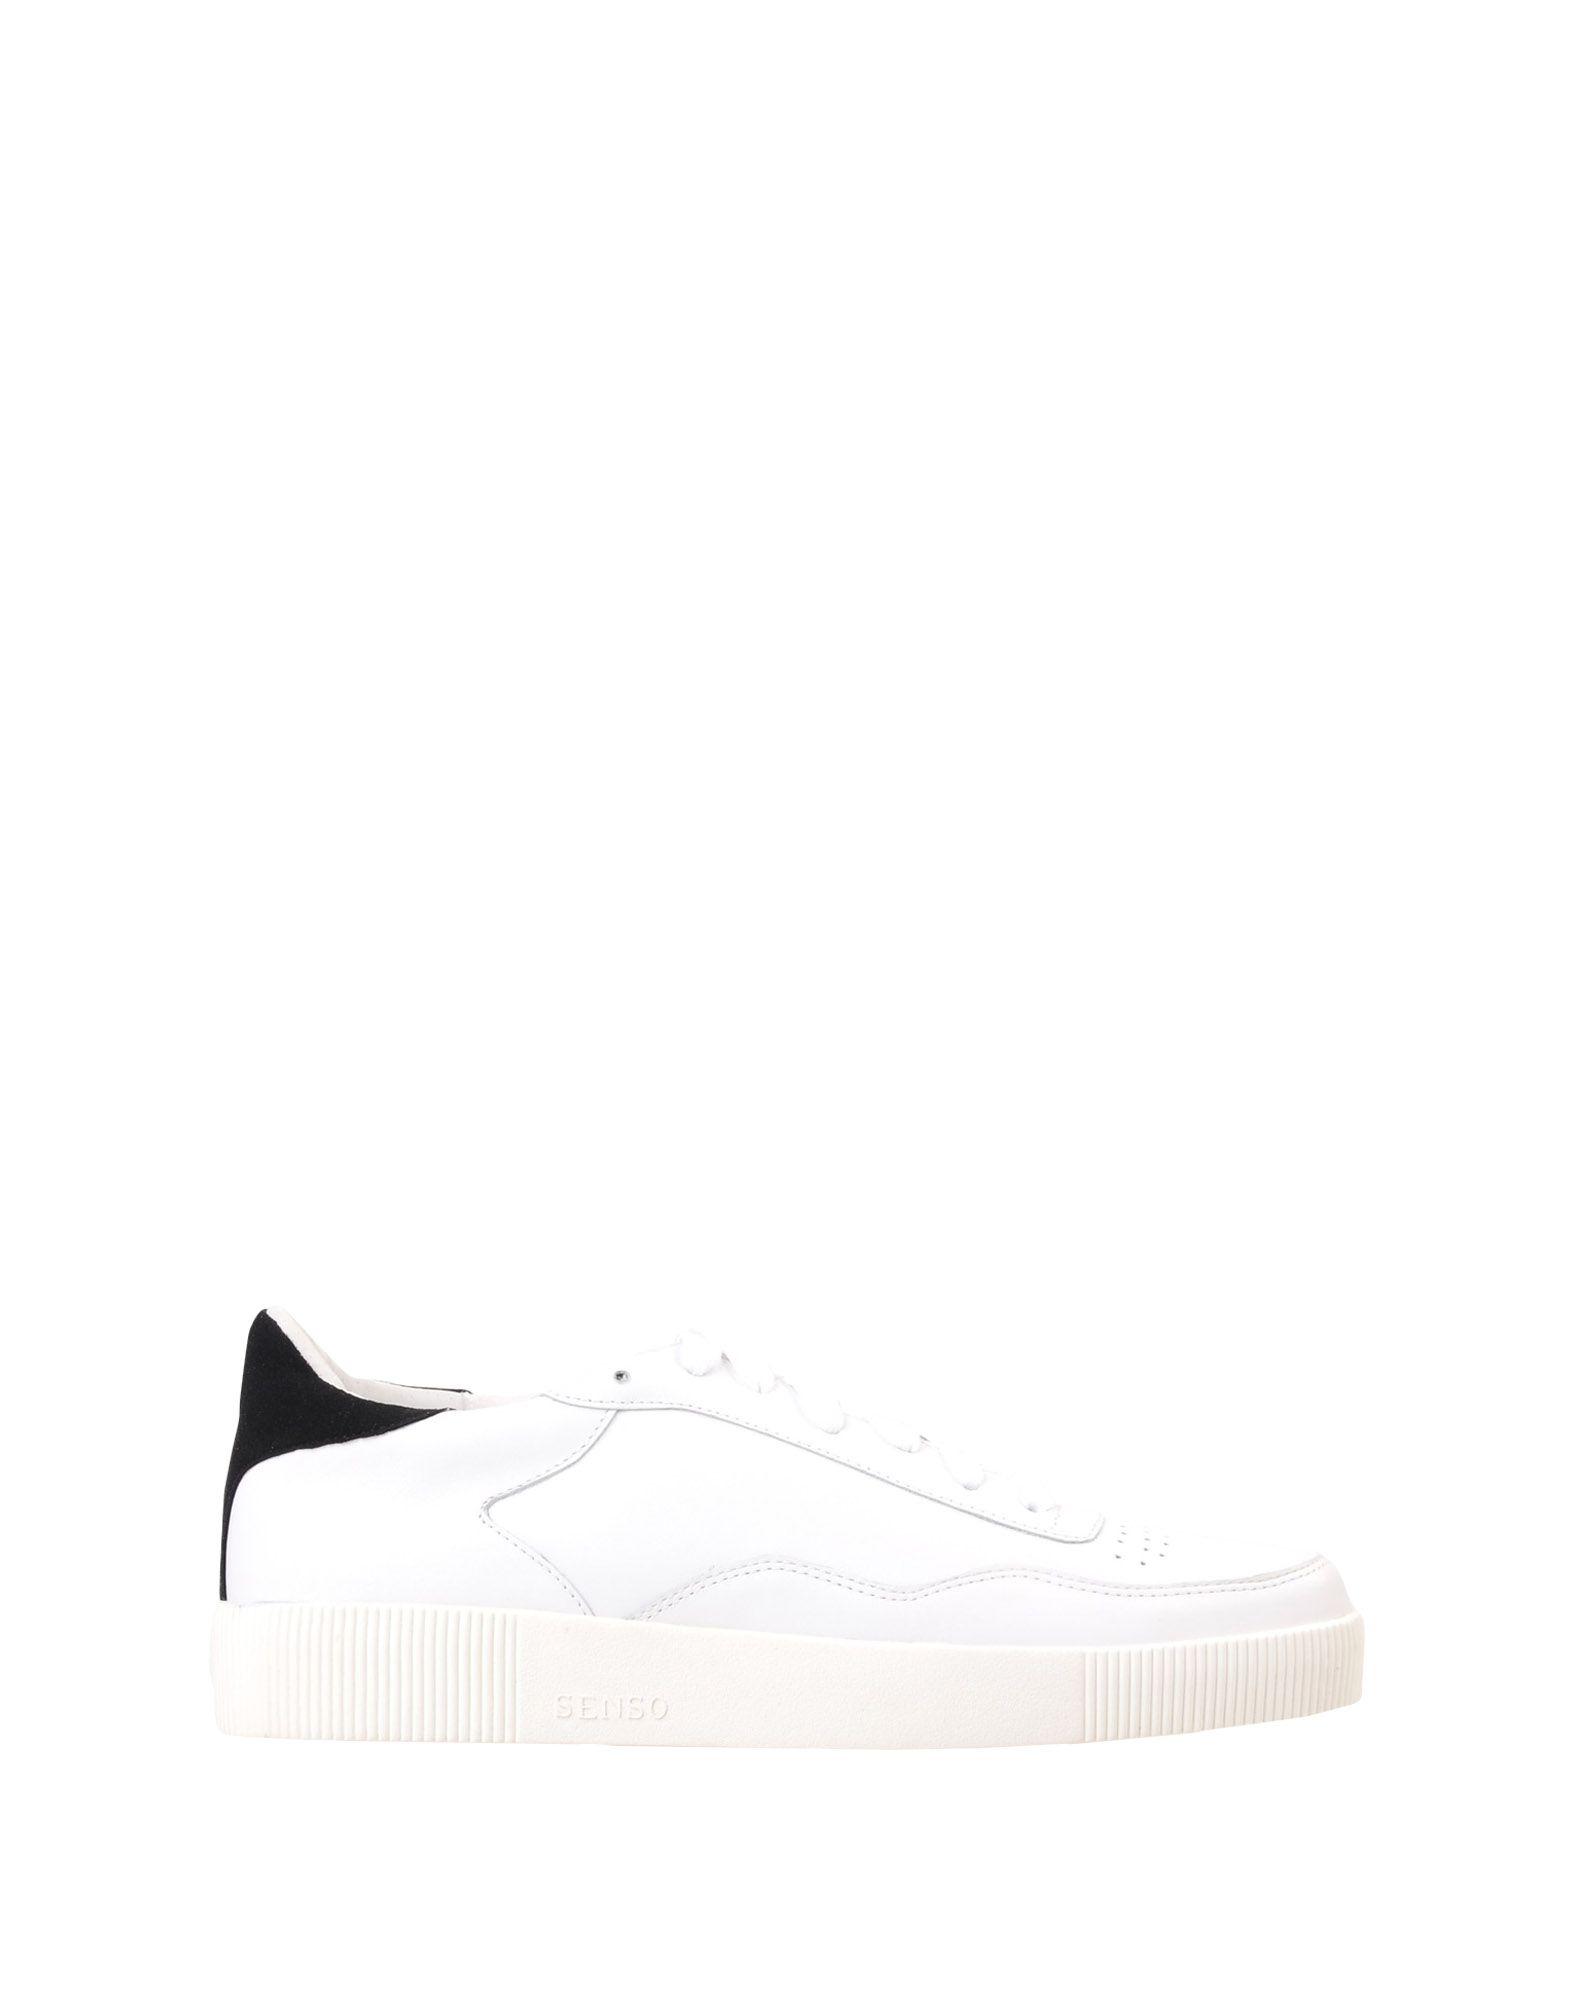 Sneakers Senso Arden Matt Calf / Suede Ebony - Femme - Sneakers Senso sur